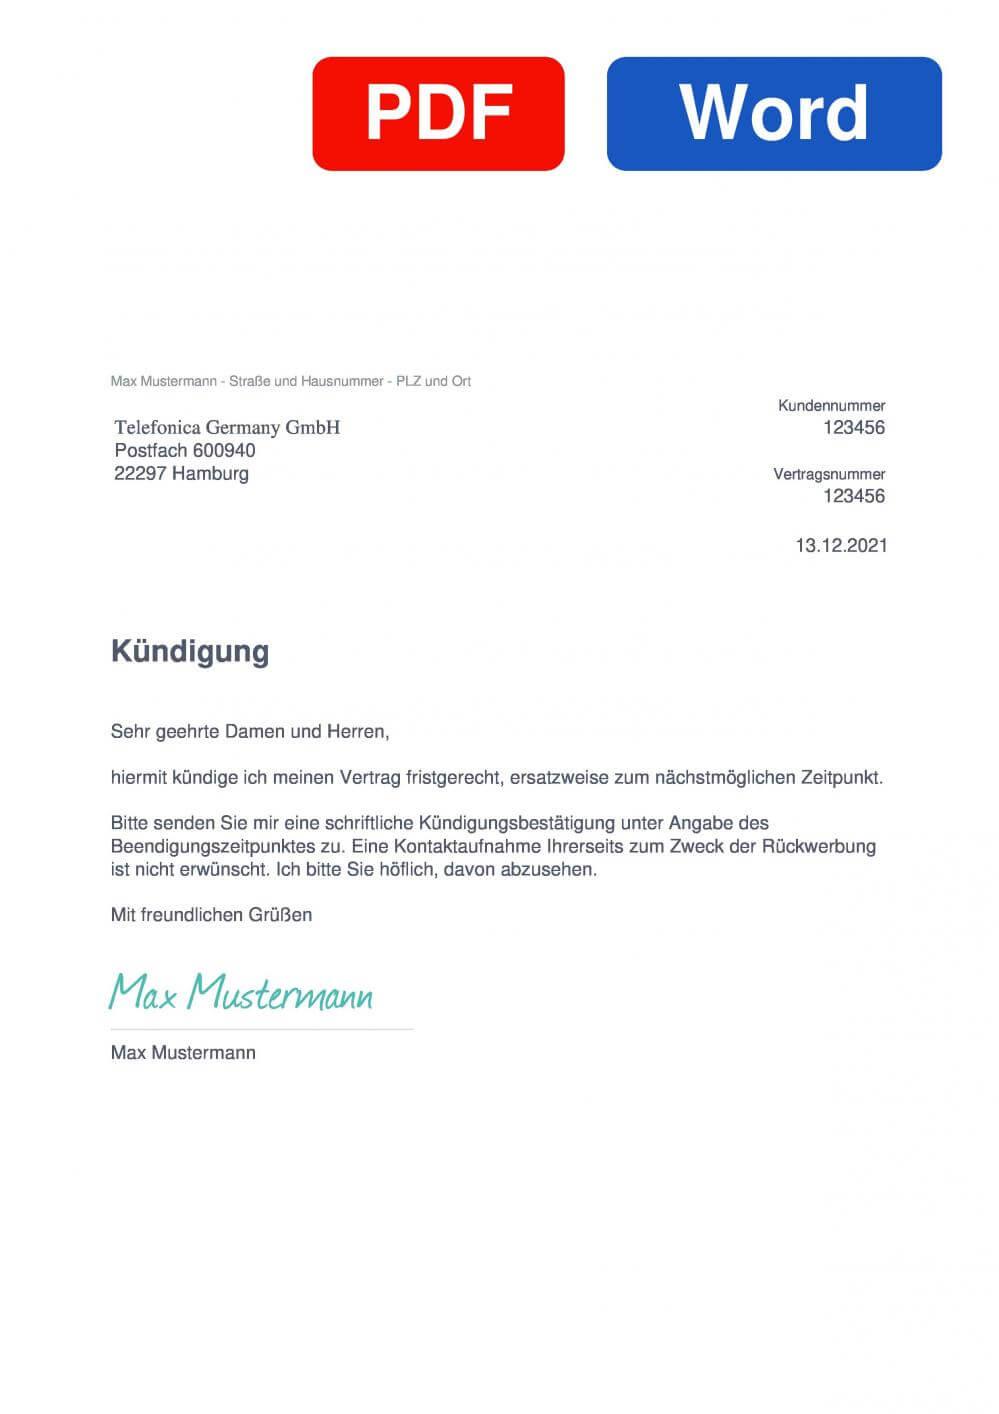 Alice Hansenet Muster Vorlage für Kündigungsschreiben